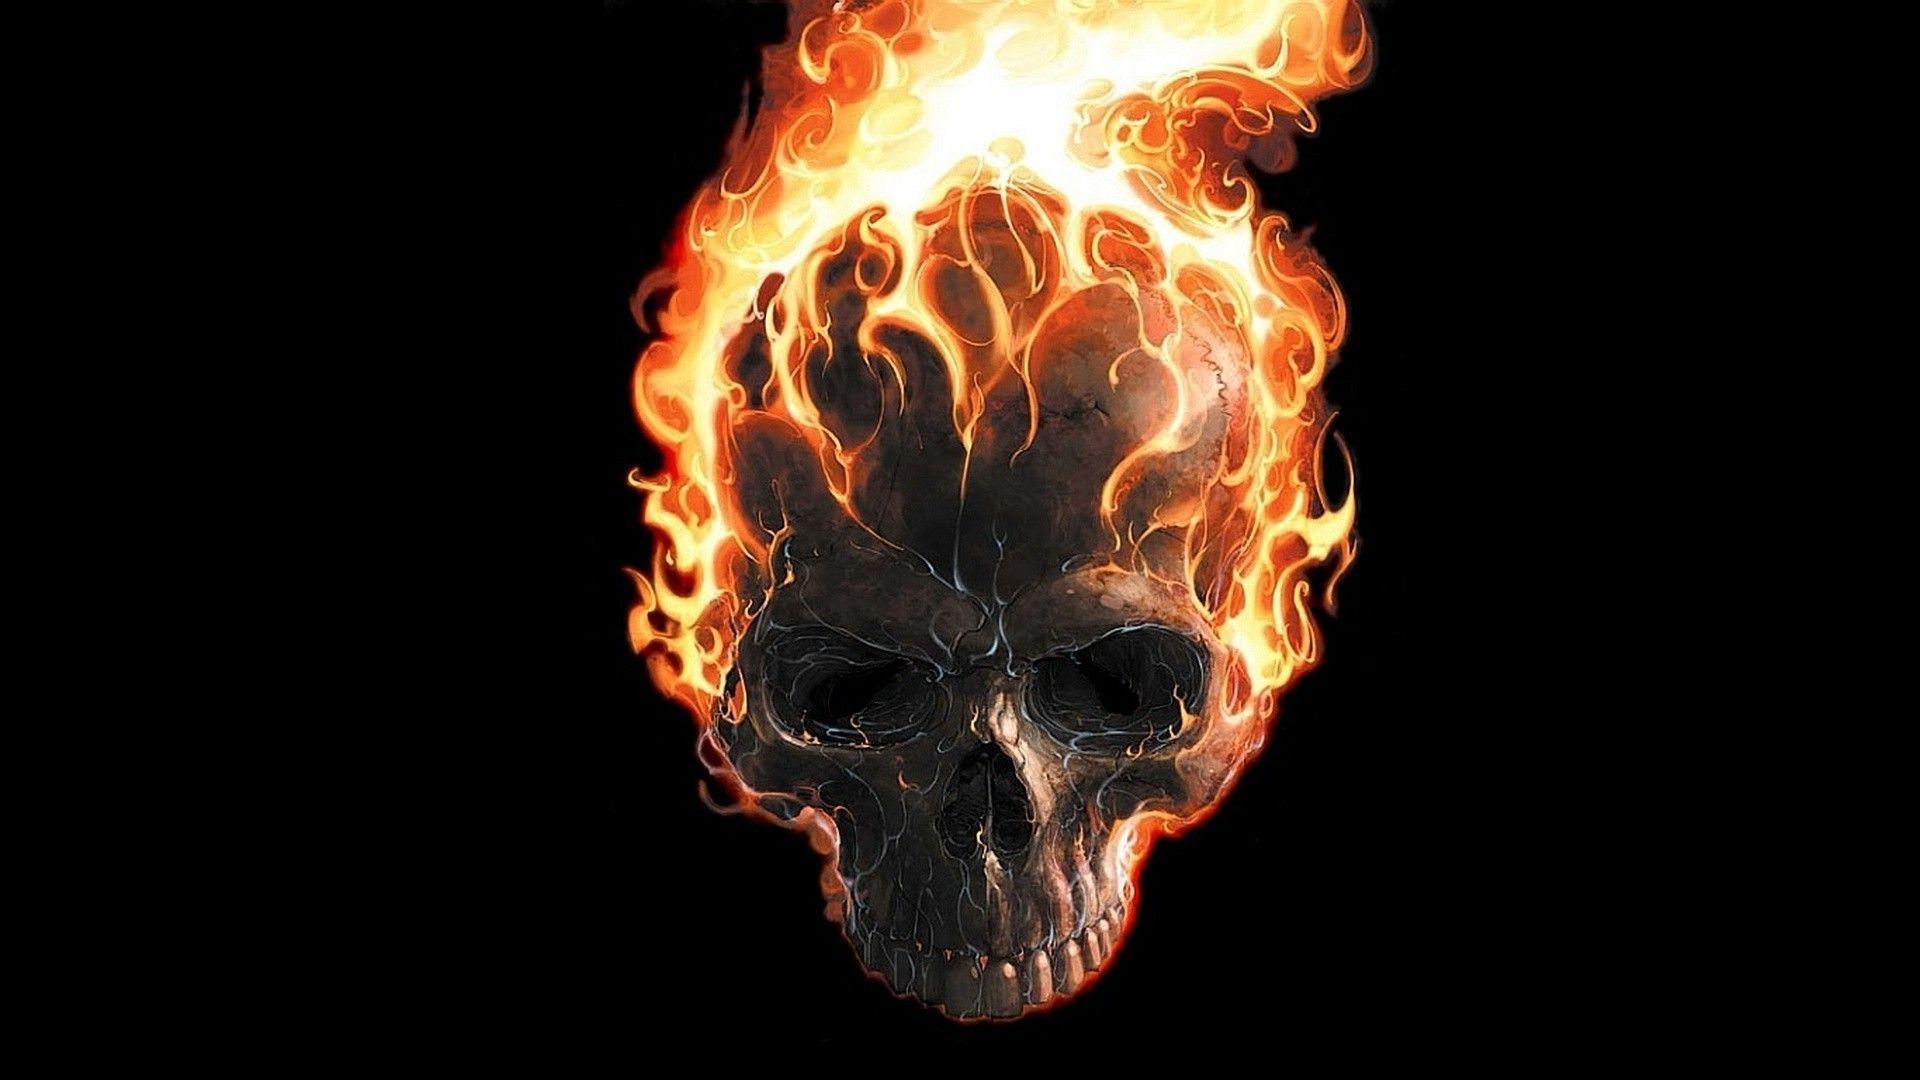 Ghost Rider Skull Wallpaper Ghost Rider Skull 133774 Hd